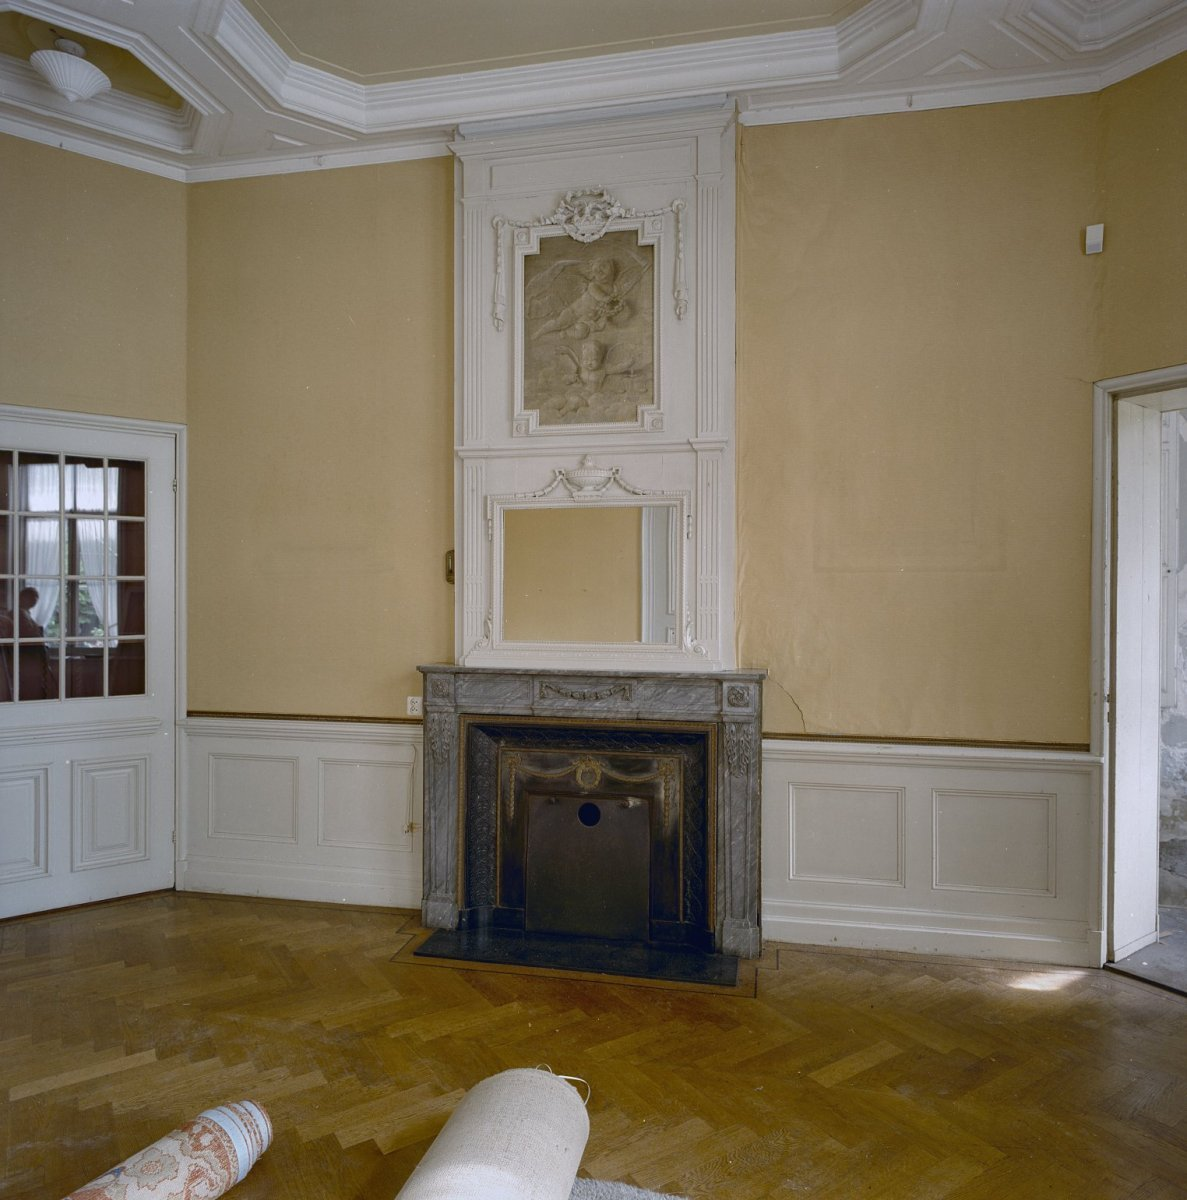 File:Interieur, begane grond, de eetkamer, schouwpartij met ...